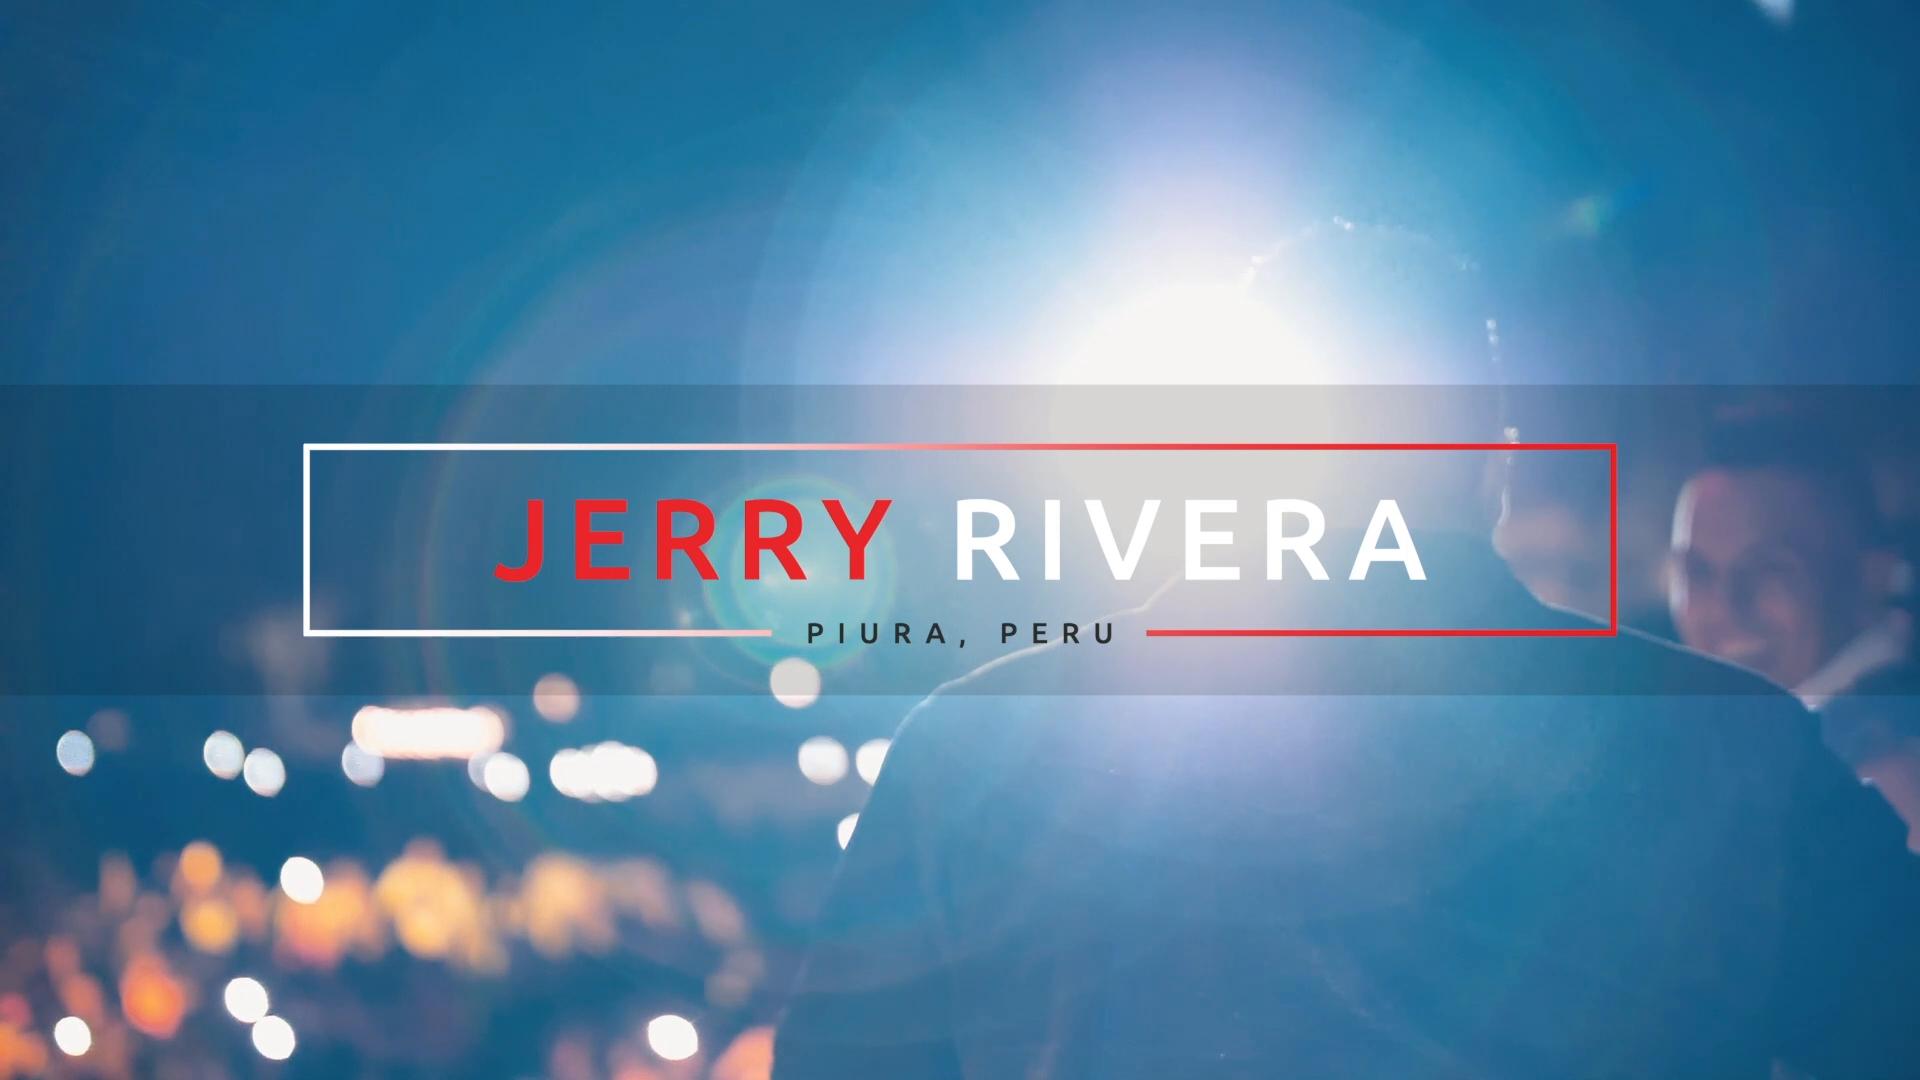 JERRY RIVERA - PIURA PERU 2018